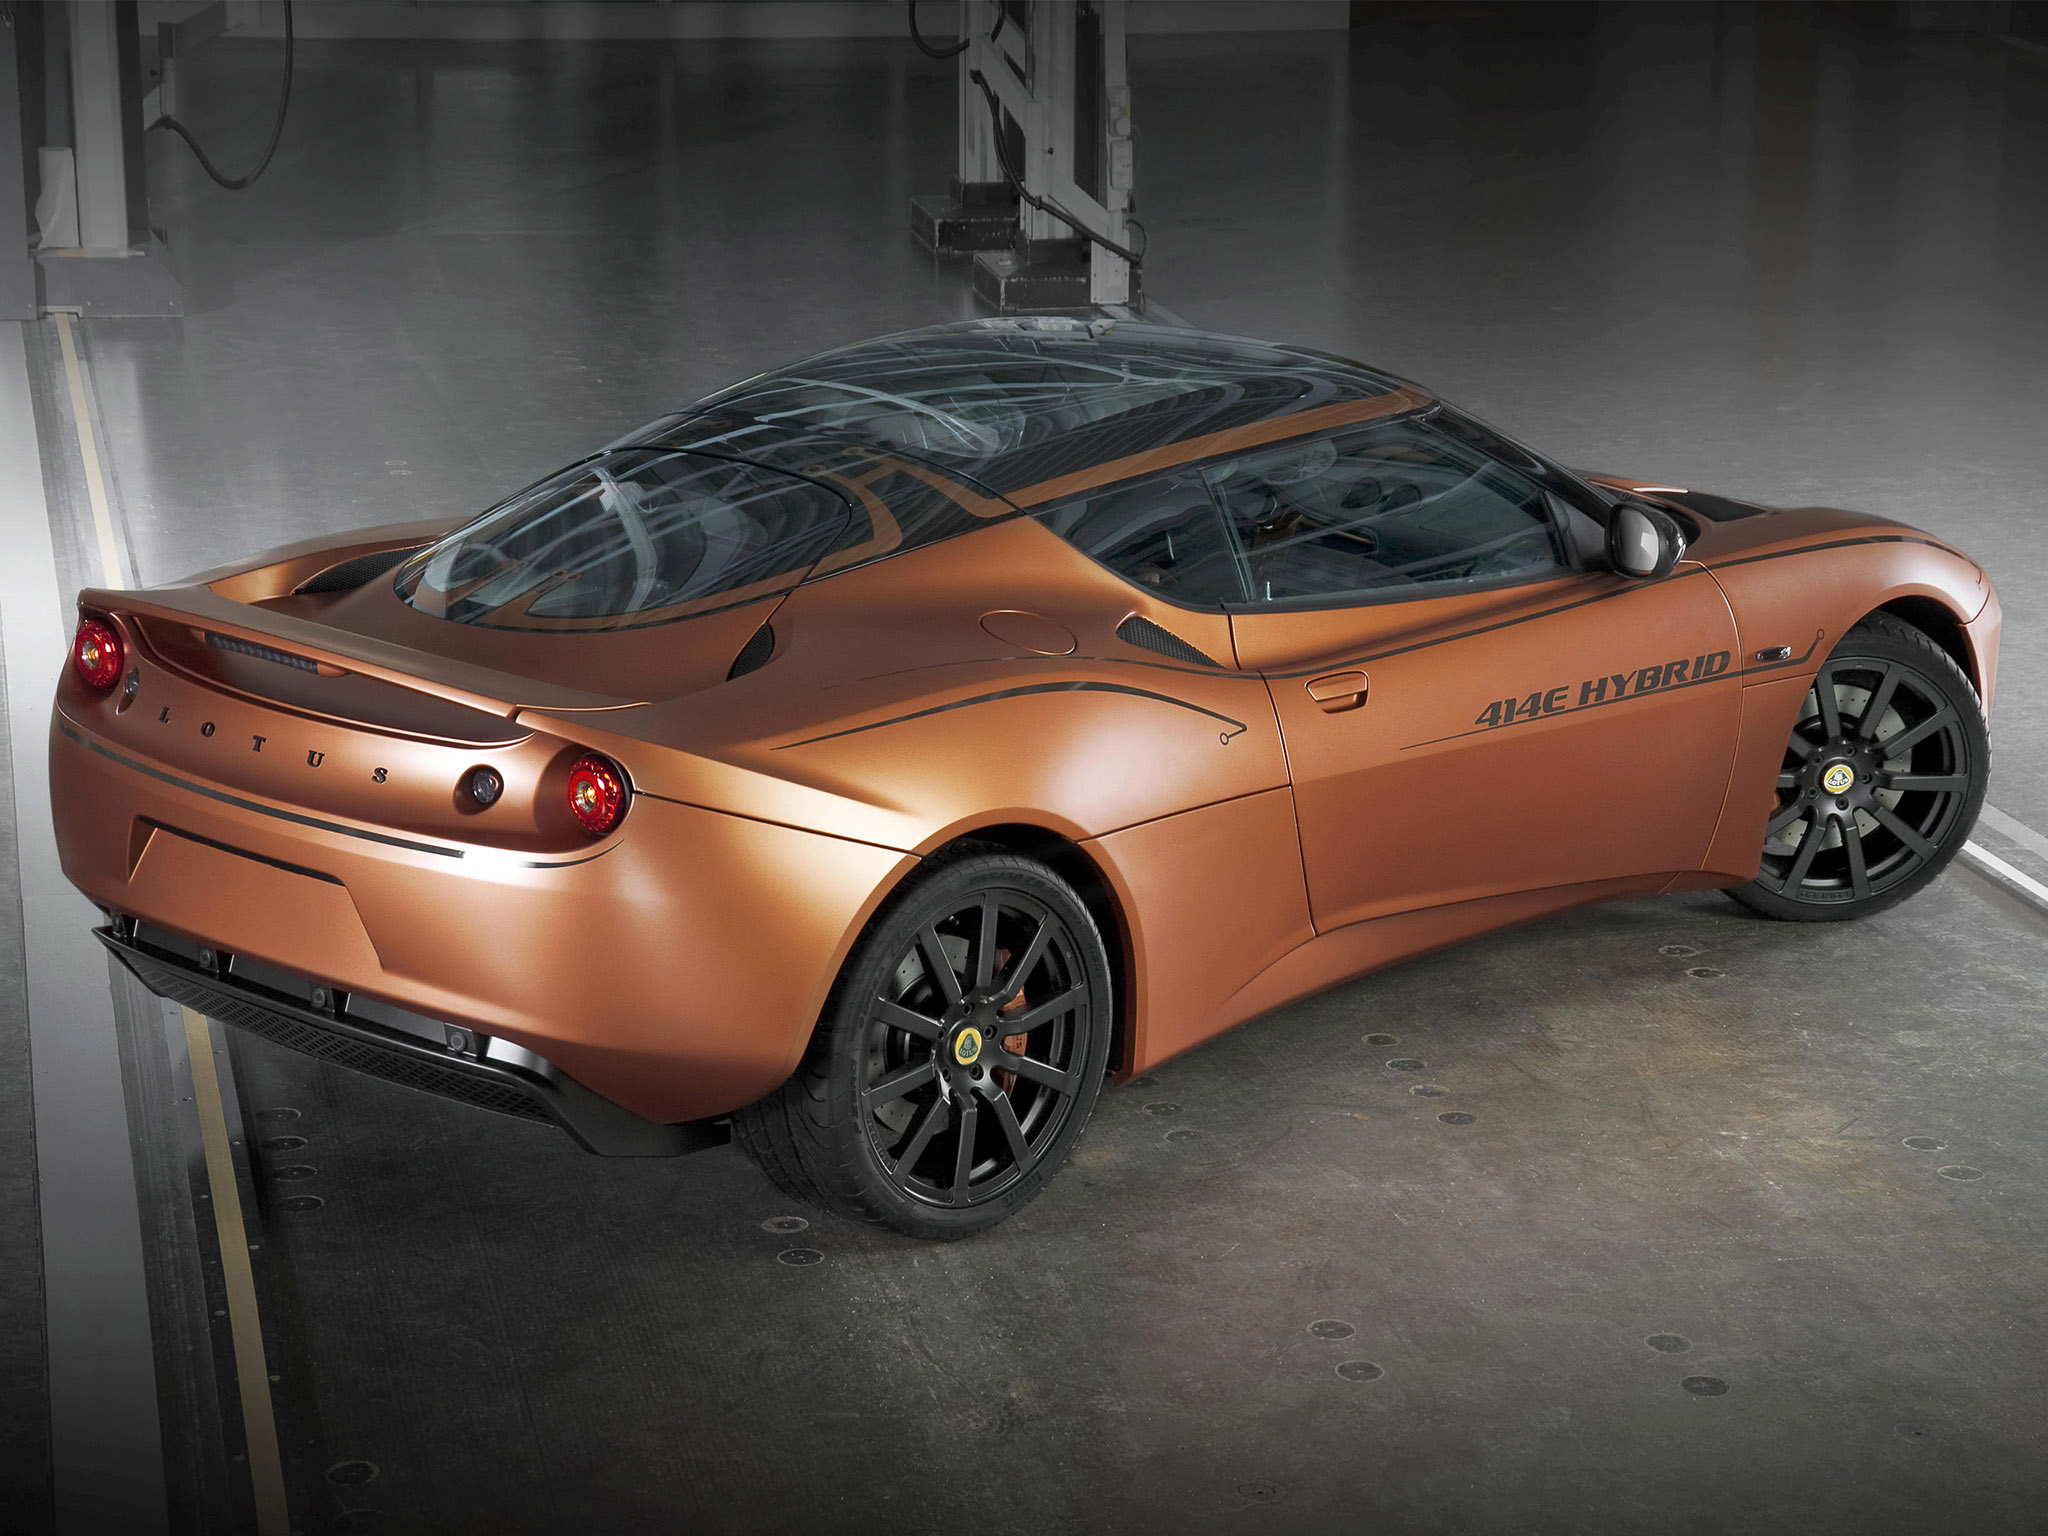 2010 Lotus Evora 414e Hybrid Concept